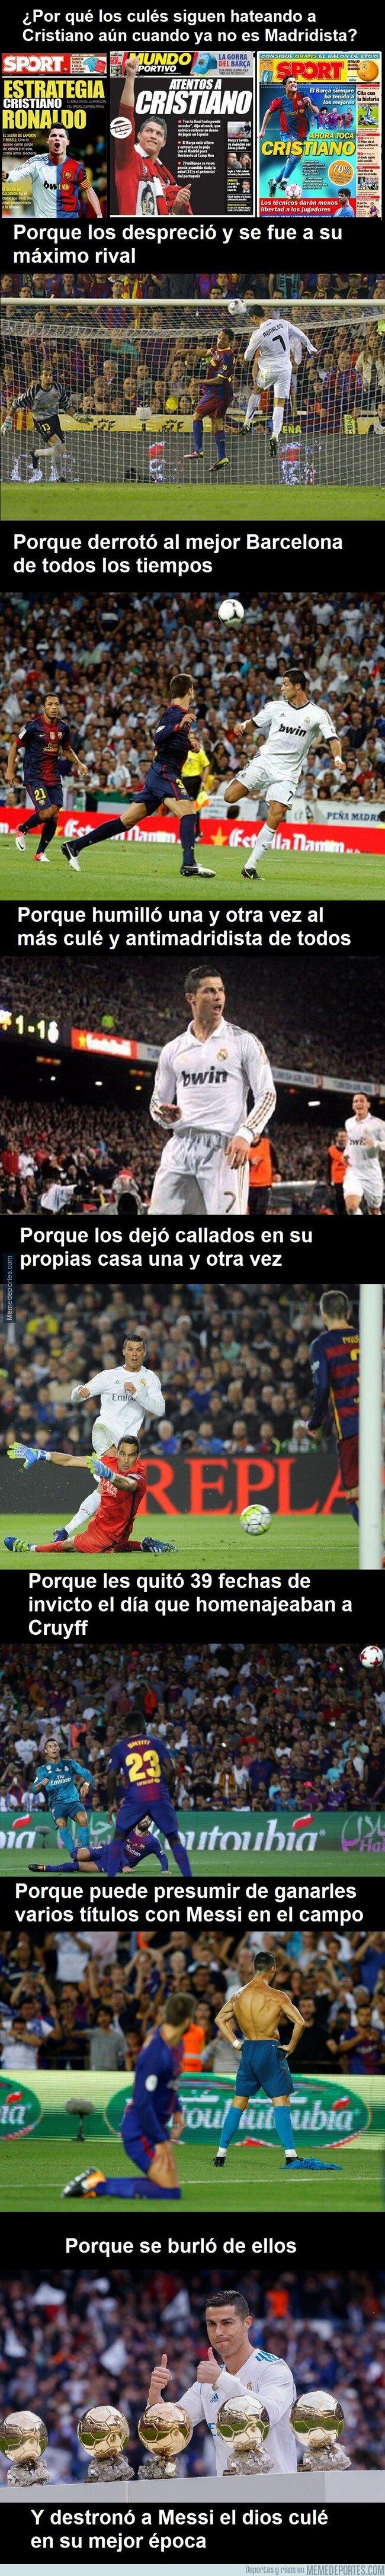 1092733 - Se entiende que el dolor no termine aún cuando hace 2 años que se fue Cristiano del Madrid